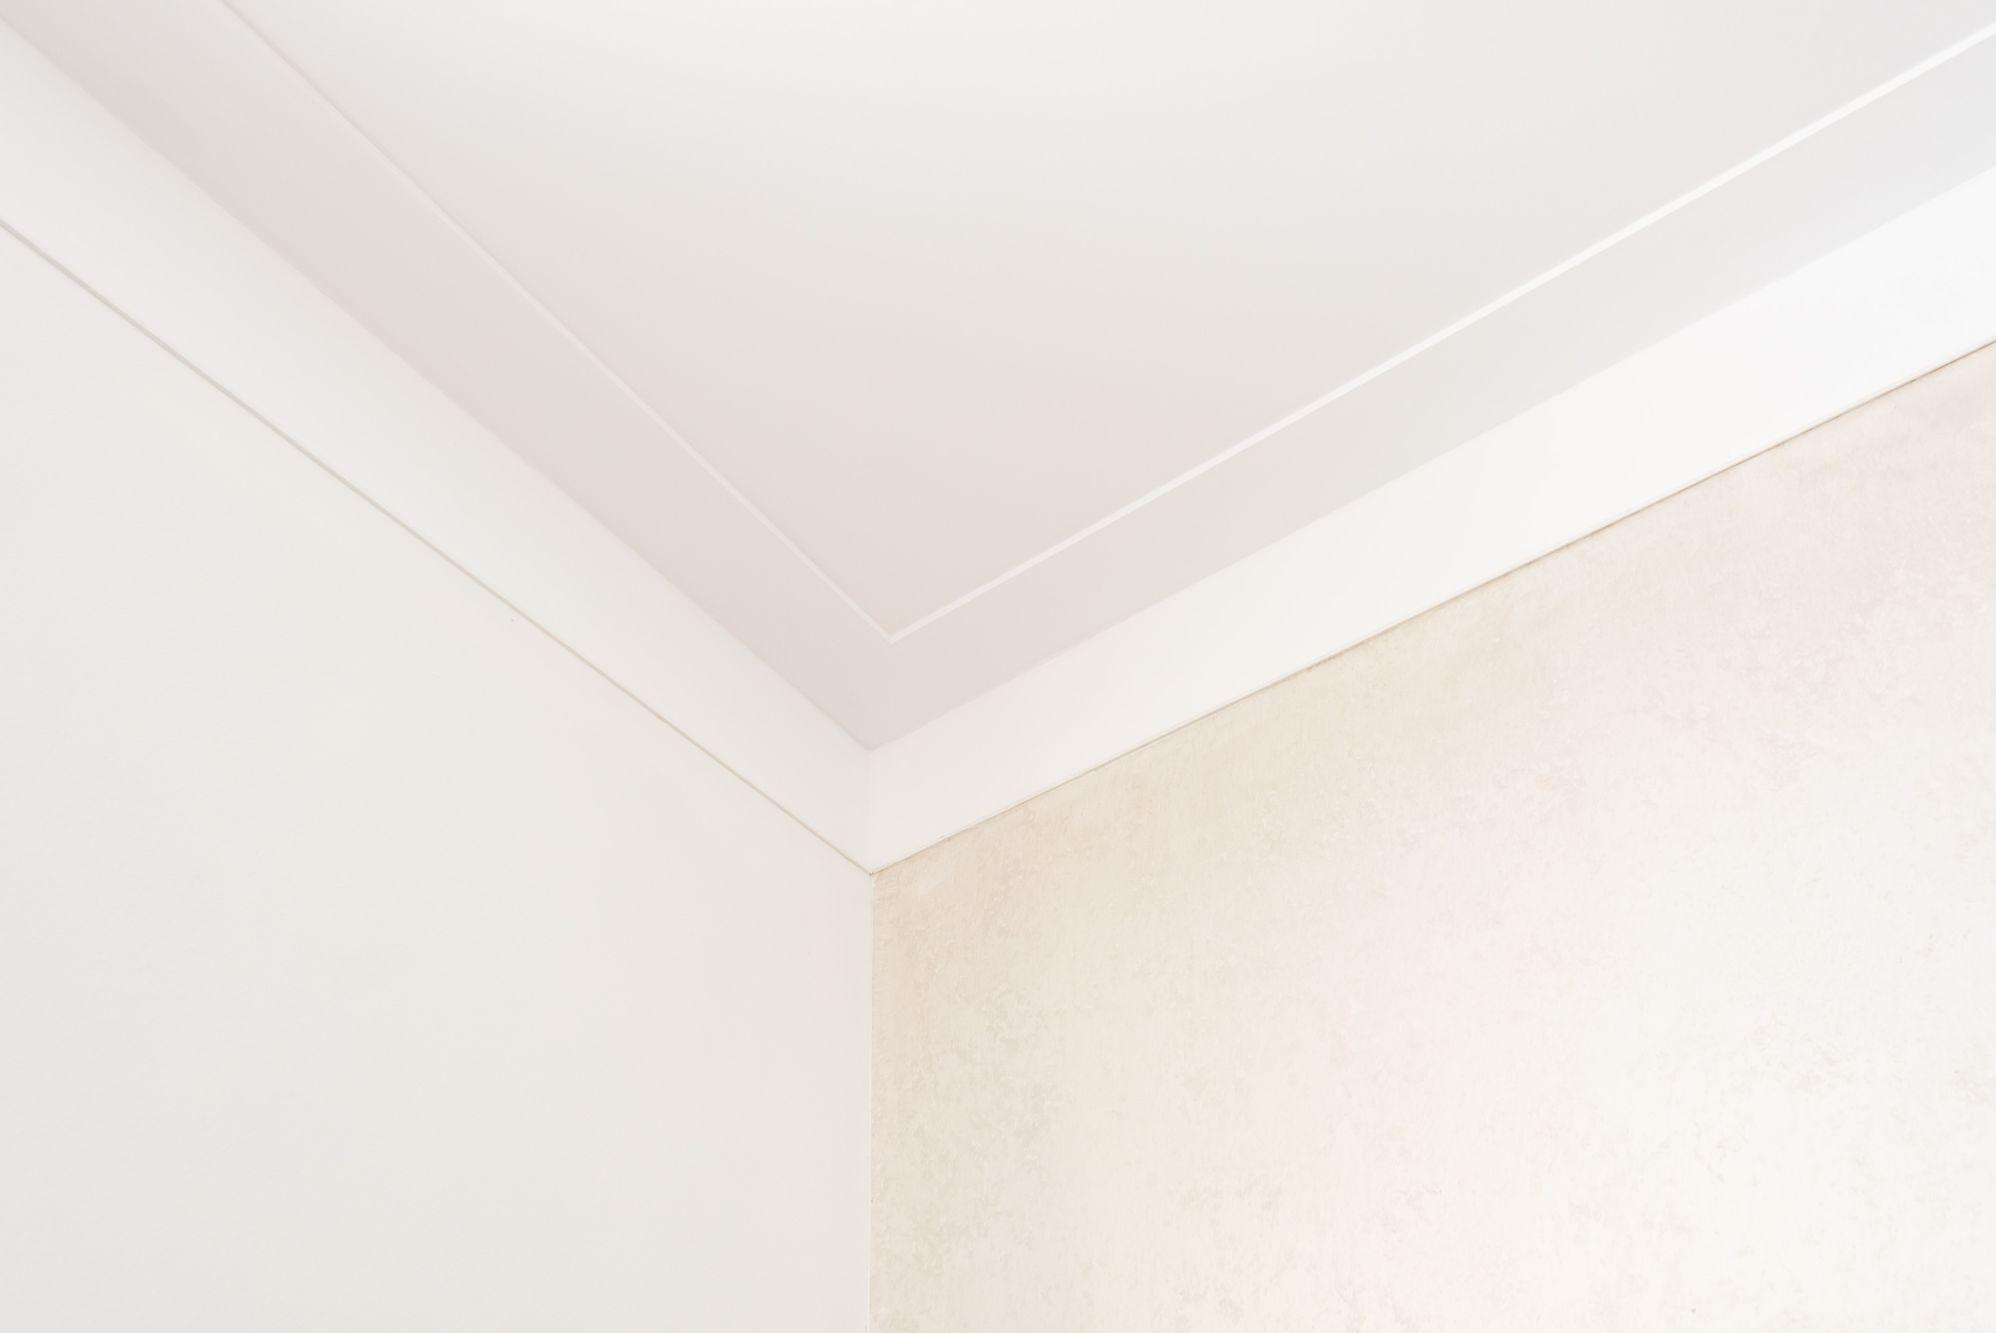 plafond en wand glad stucwerk met plint op wand en plafond